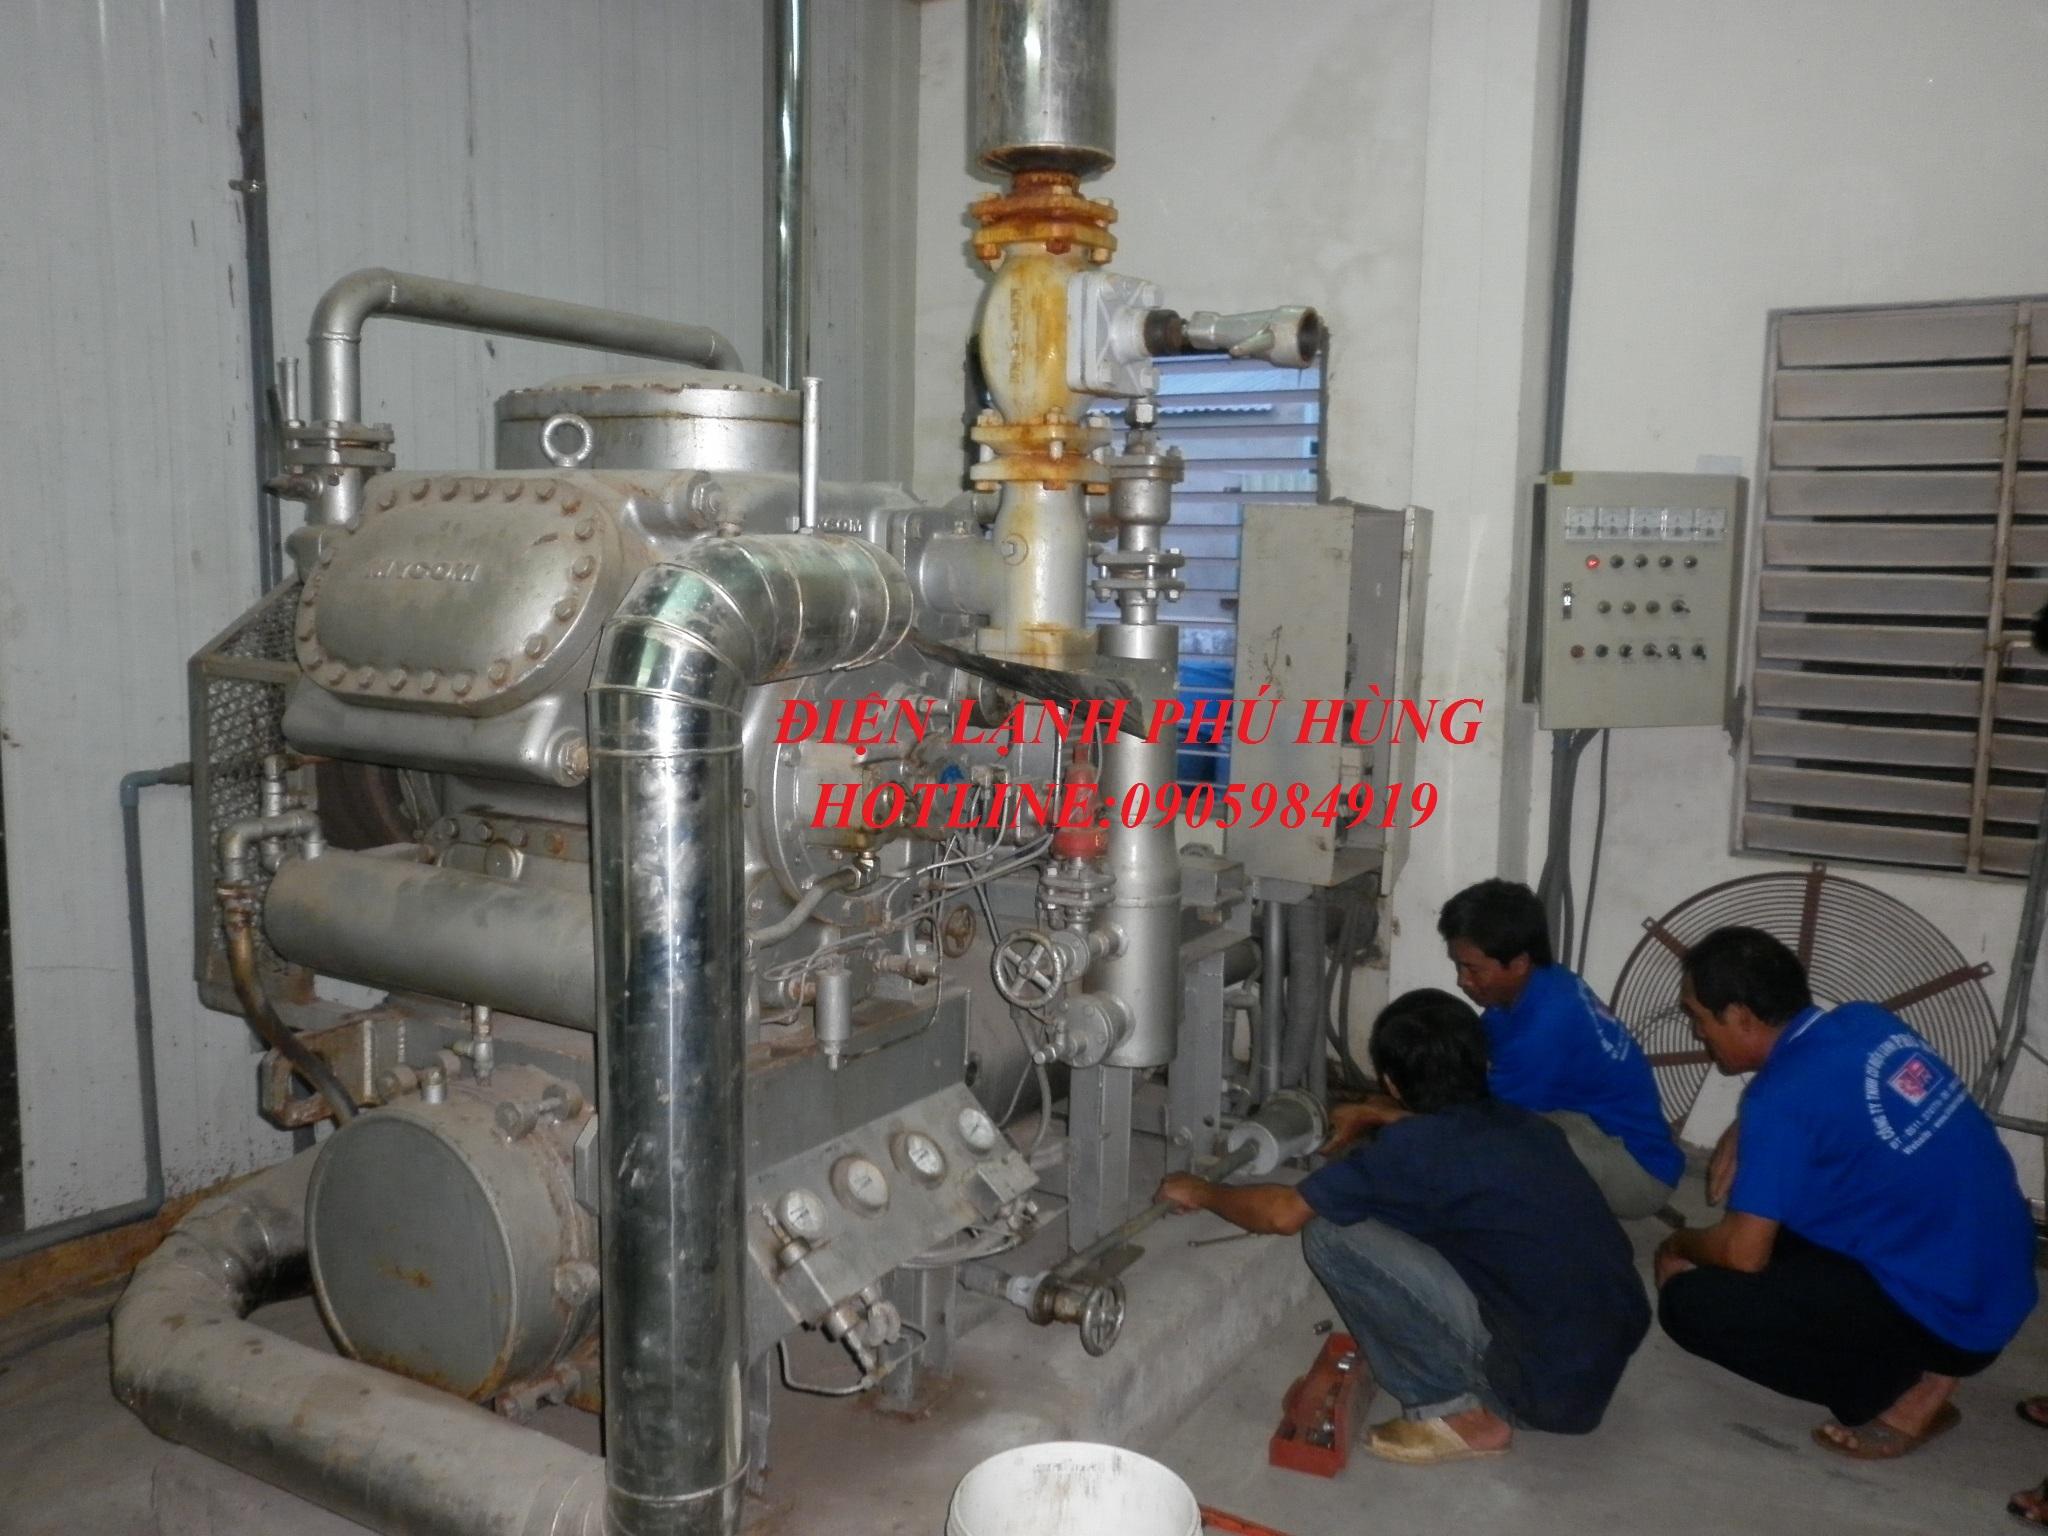 dl ptp1 - Cung cấp hệ thống lạnh cho nhà máy thủy sản Phước Tâm Phát